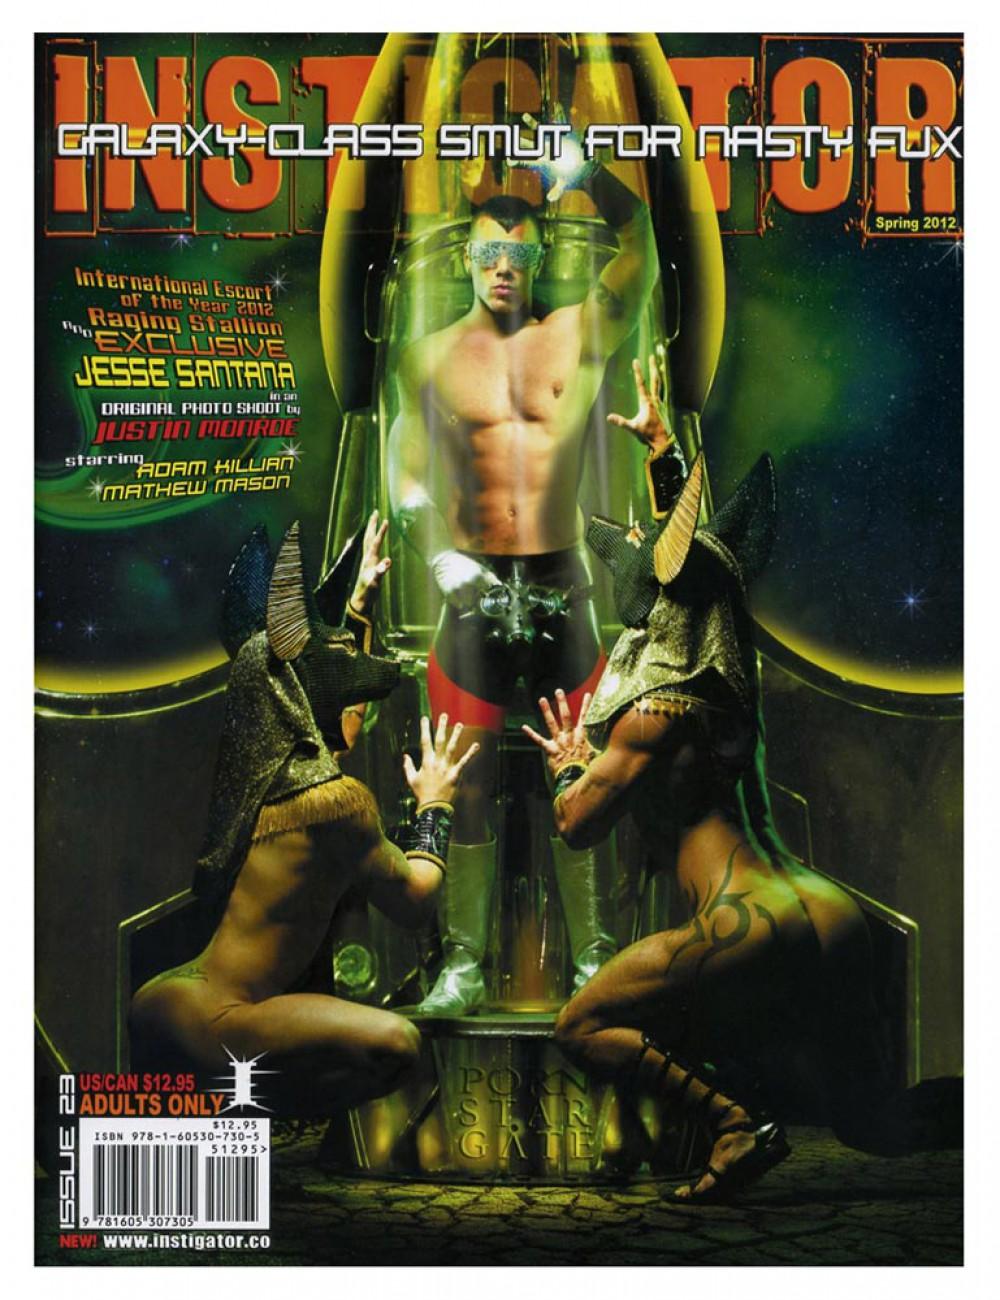 Instigator Magazine #23